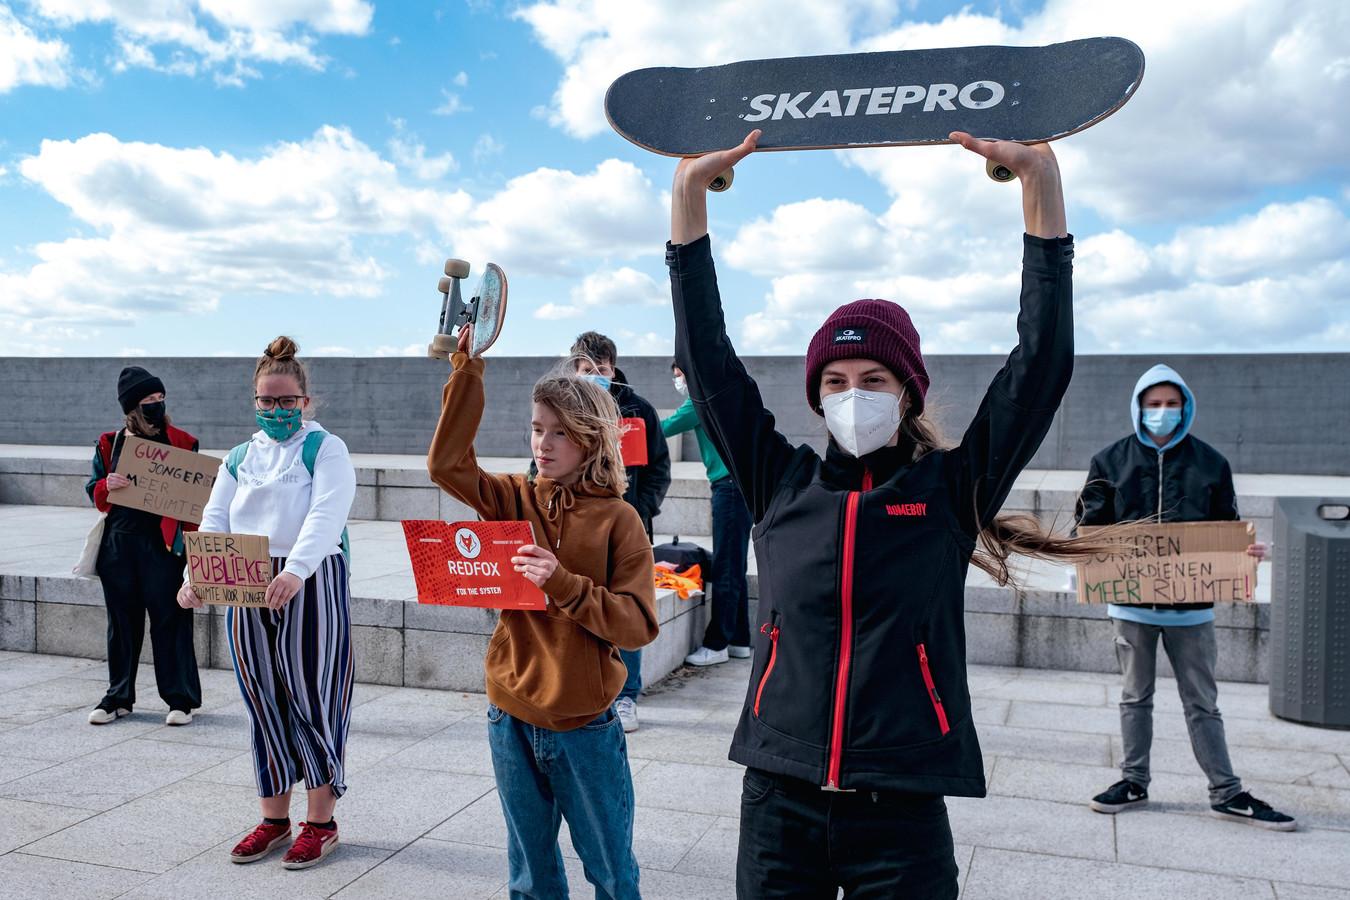 Skatecoach Timea Németh (vooraan) maakt samen met andere actievoerders duidelijk dat jongeren het recht hebben om zich uit te leven op een mooie plek als de Scheldekaaien. Maar de buurt is niet blij met het lawaai, de stad betreurt dan weer de schade aan de stenen.